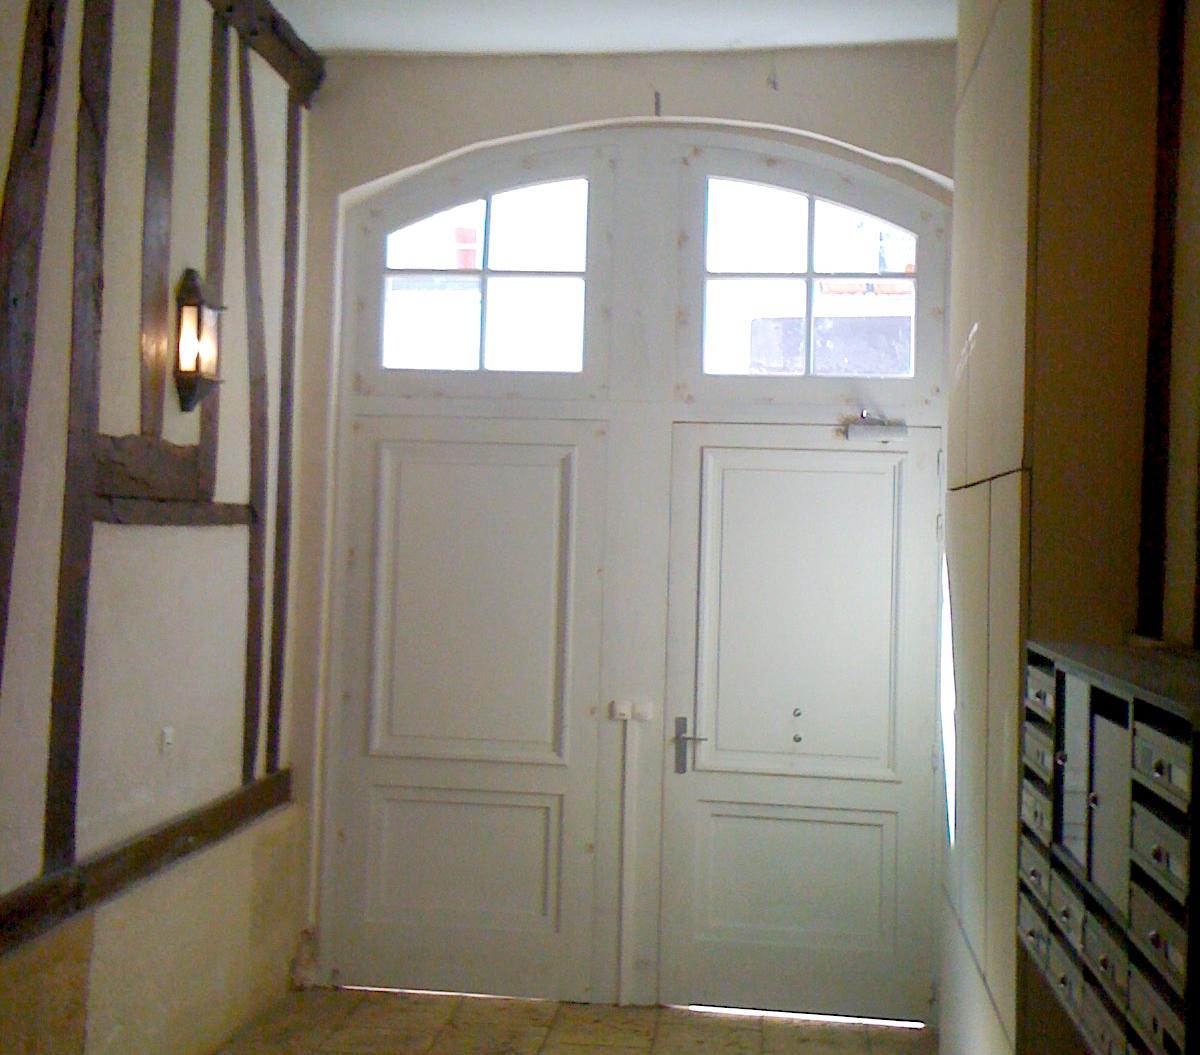 Menuiseries Exterieures Bois - Porte cochère d'entrée en bois traditionelle 1